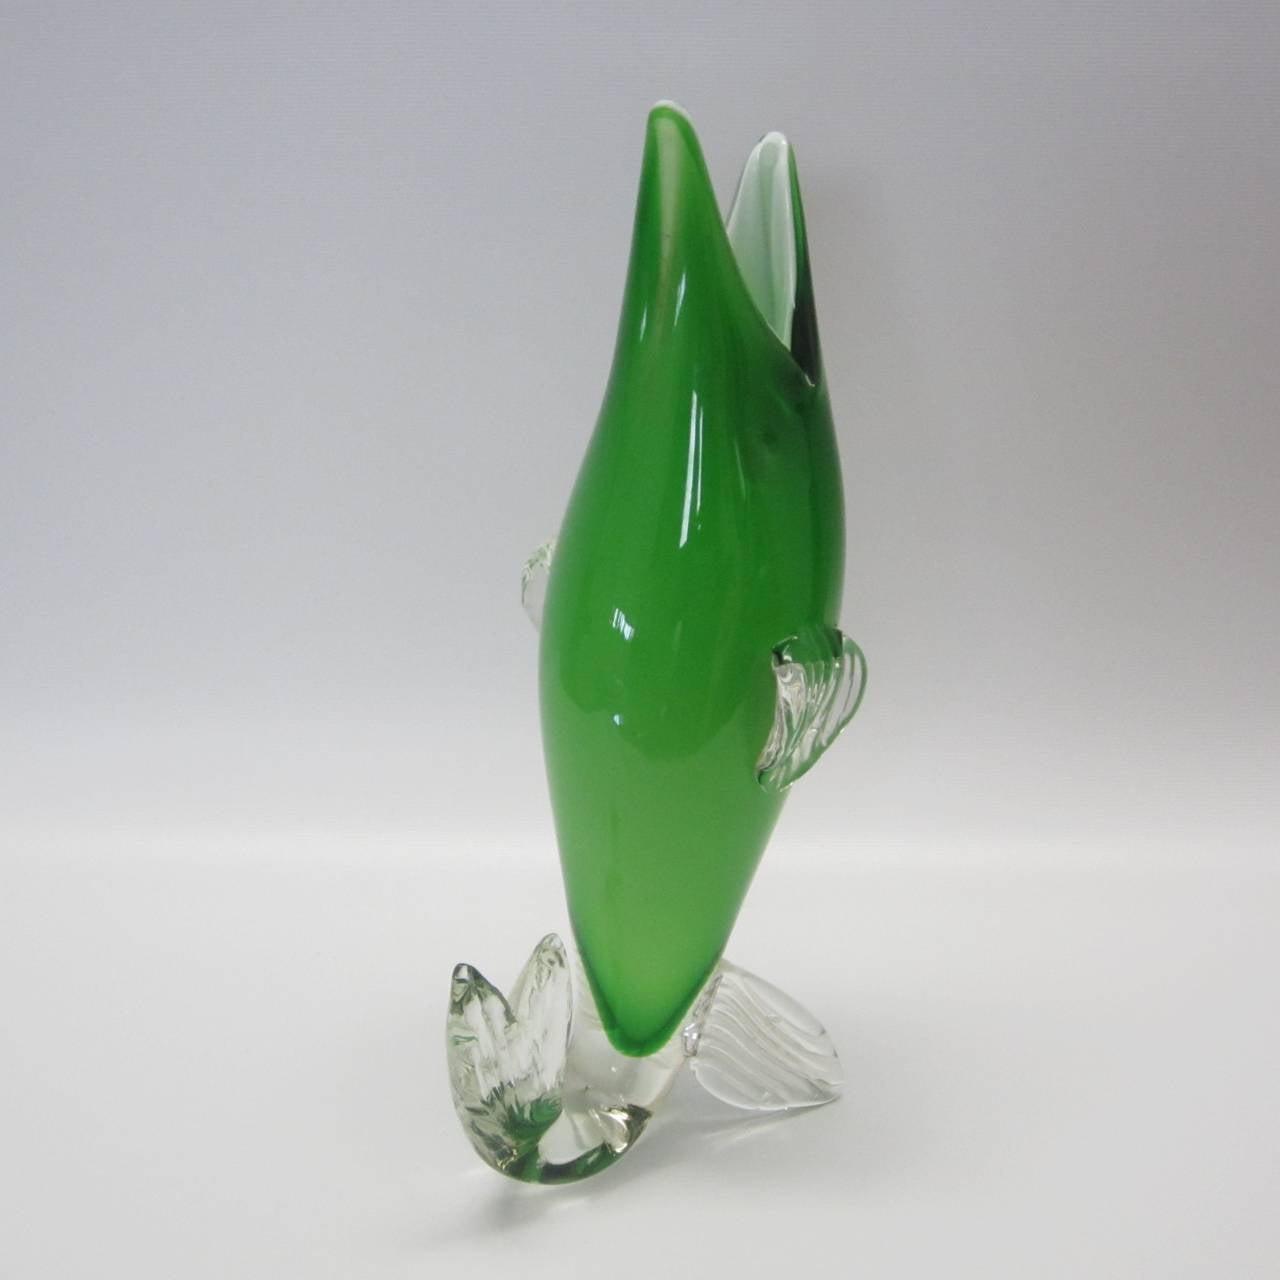 Murano glass green fish vase at 1stdibs for Murano glass fish